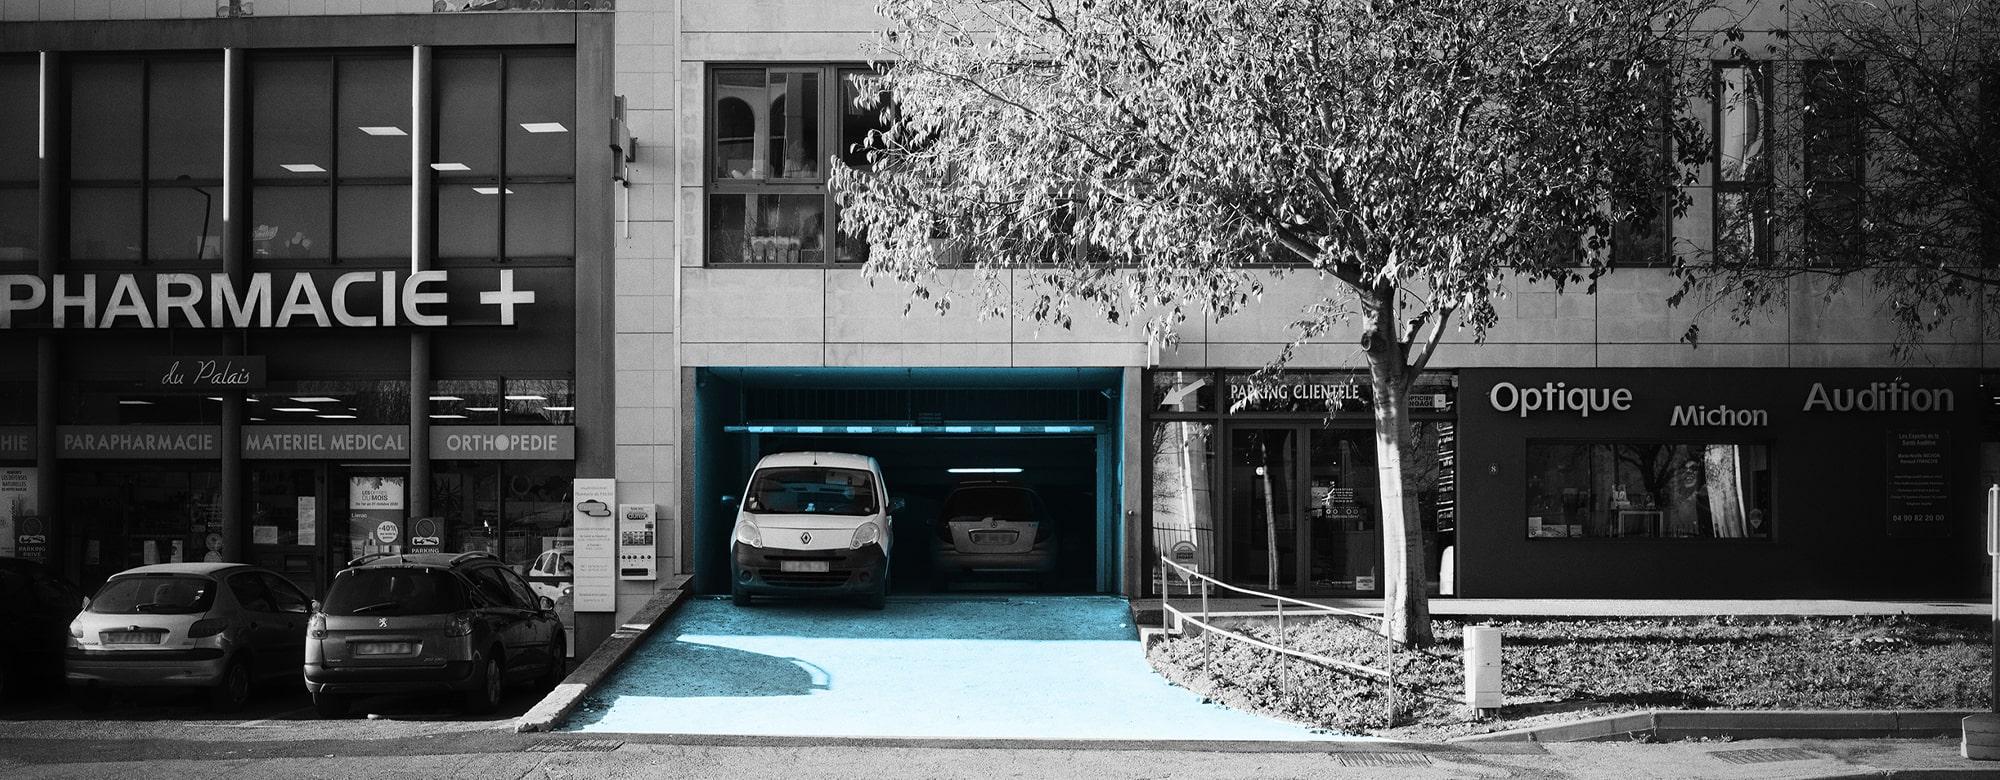 Entrée du parking du centre NHT Europe